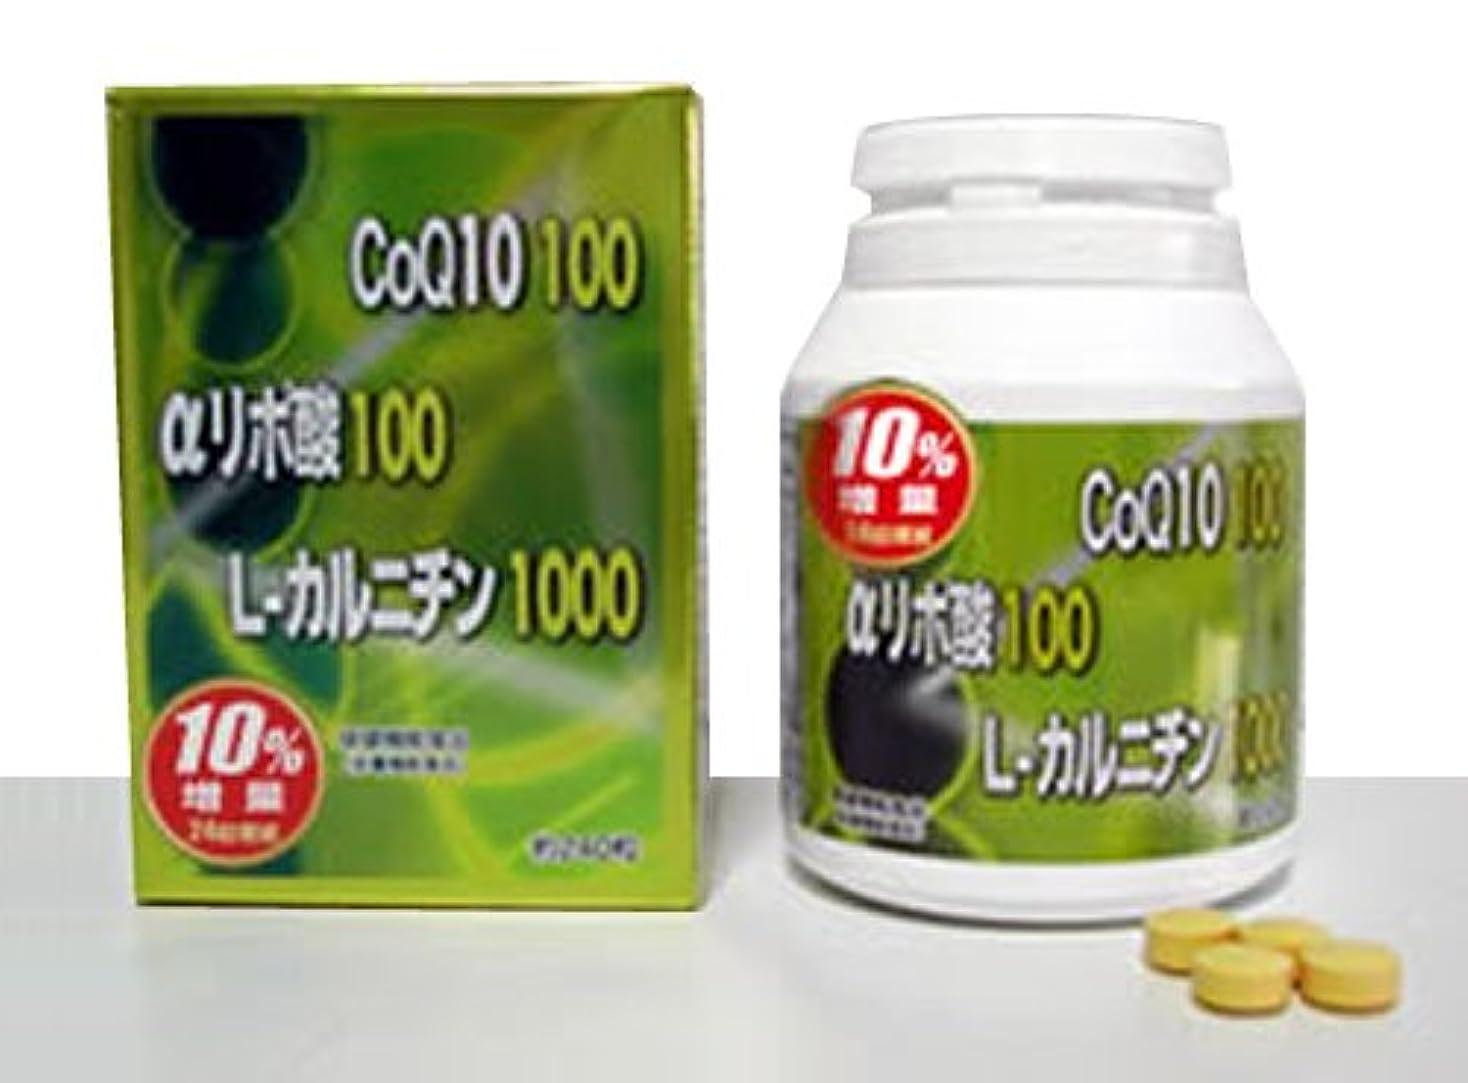 おしゃれな系譜関連する10%増量 CoQ10 100?αリポ酸 100?L-カルニチン 1000